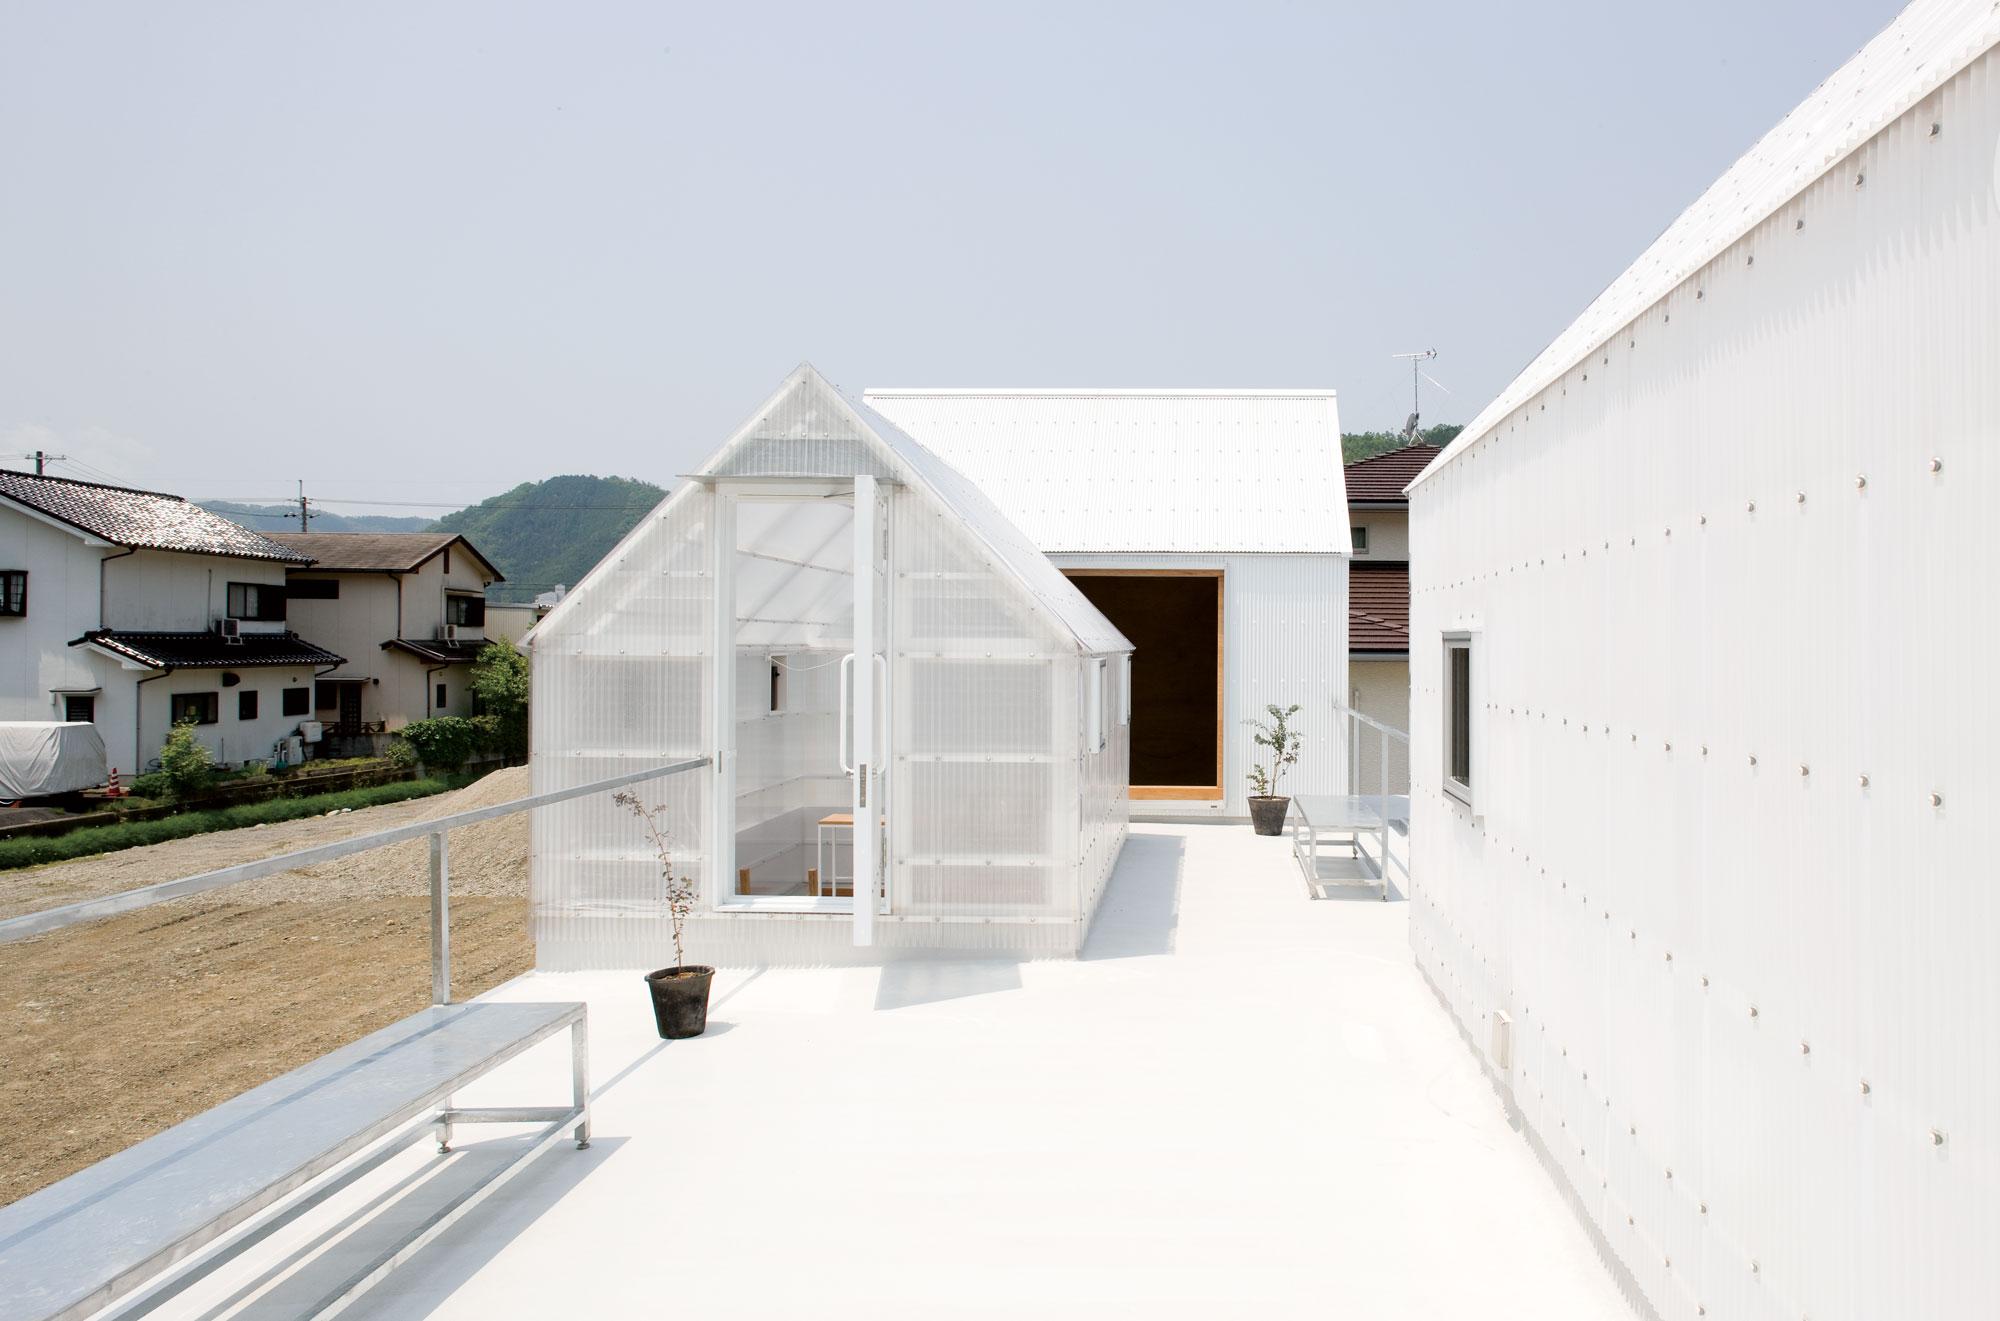 House in Yamasaki